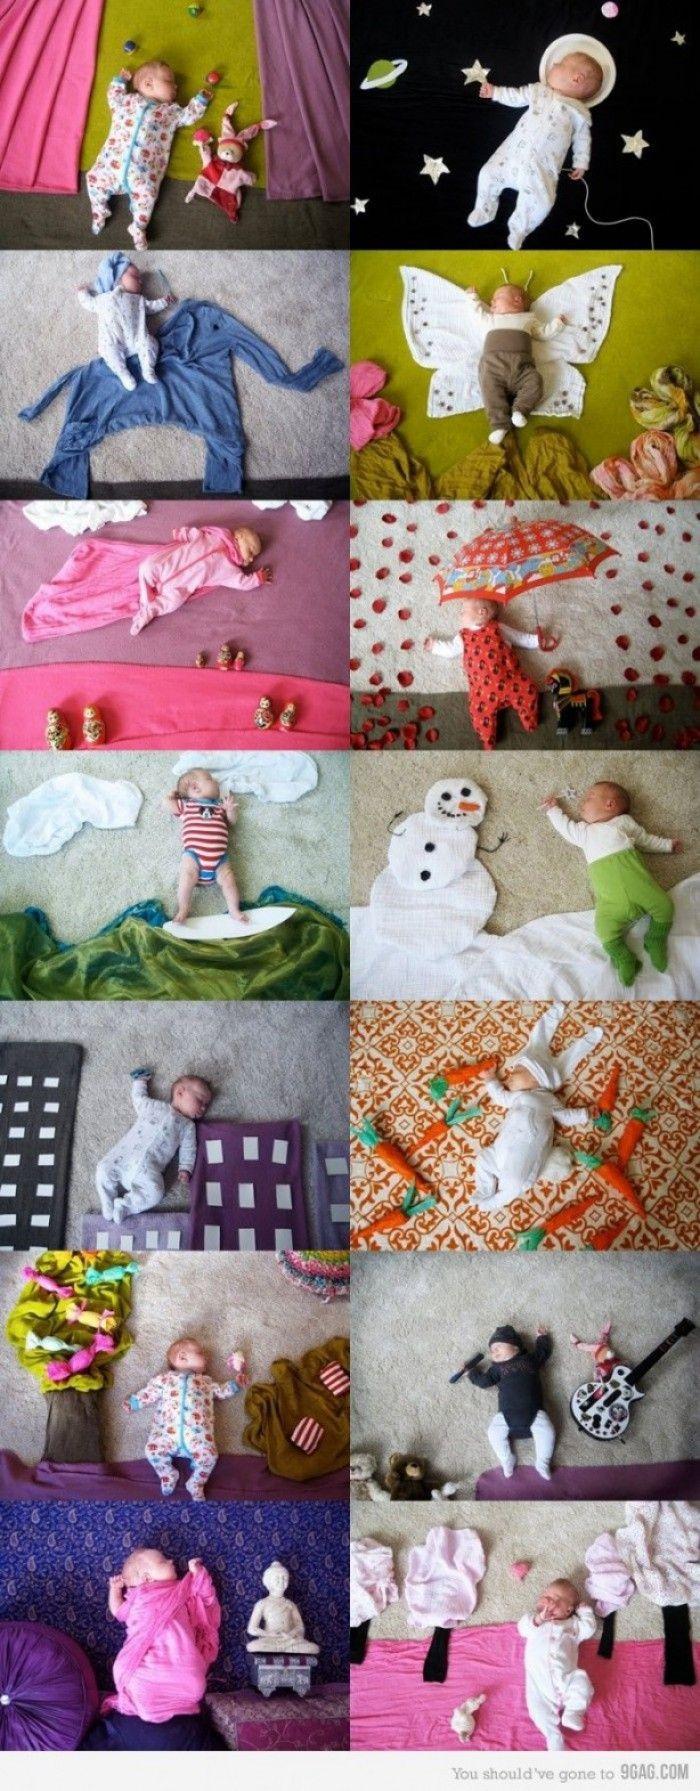 fotografie sehr lustige fotos merke ich mir f r sp ter baby pinterest lustiges foto. Black Bedroom Furniture Sets. Home Design Ideas